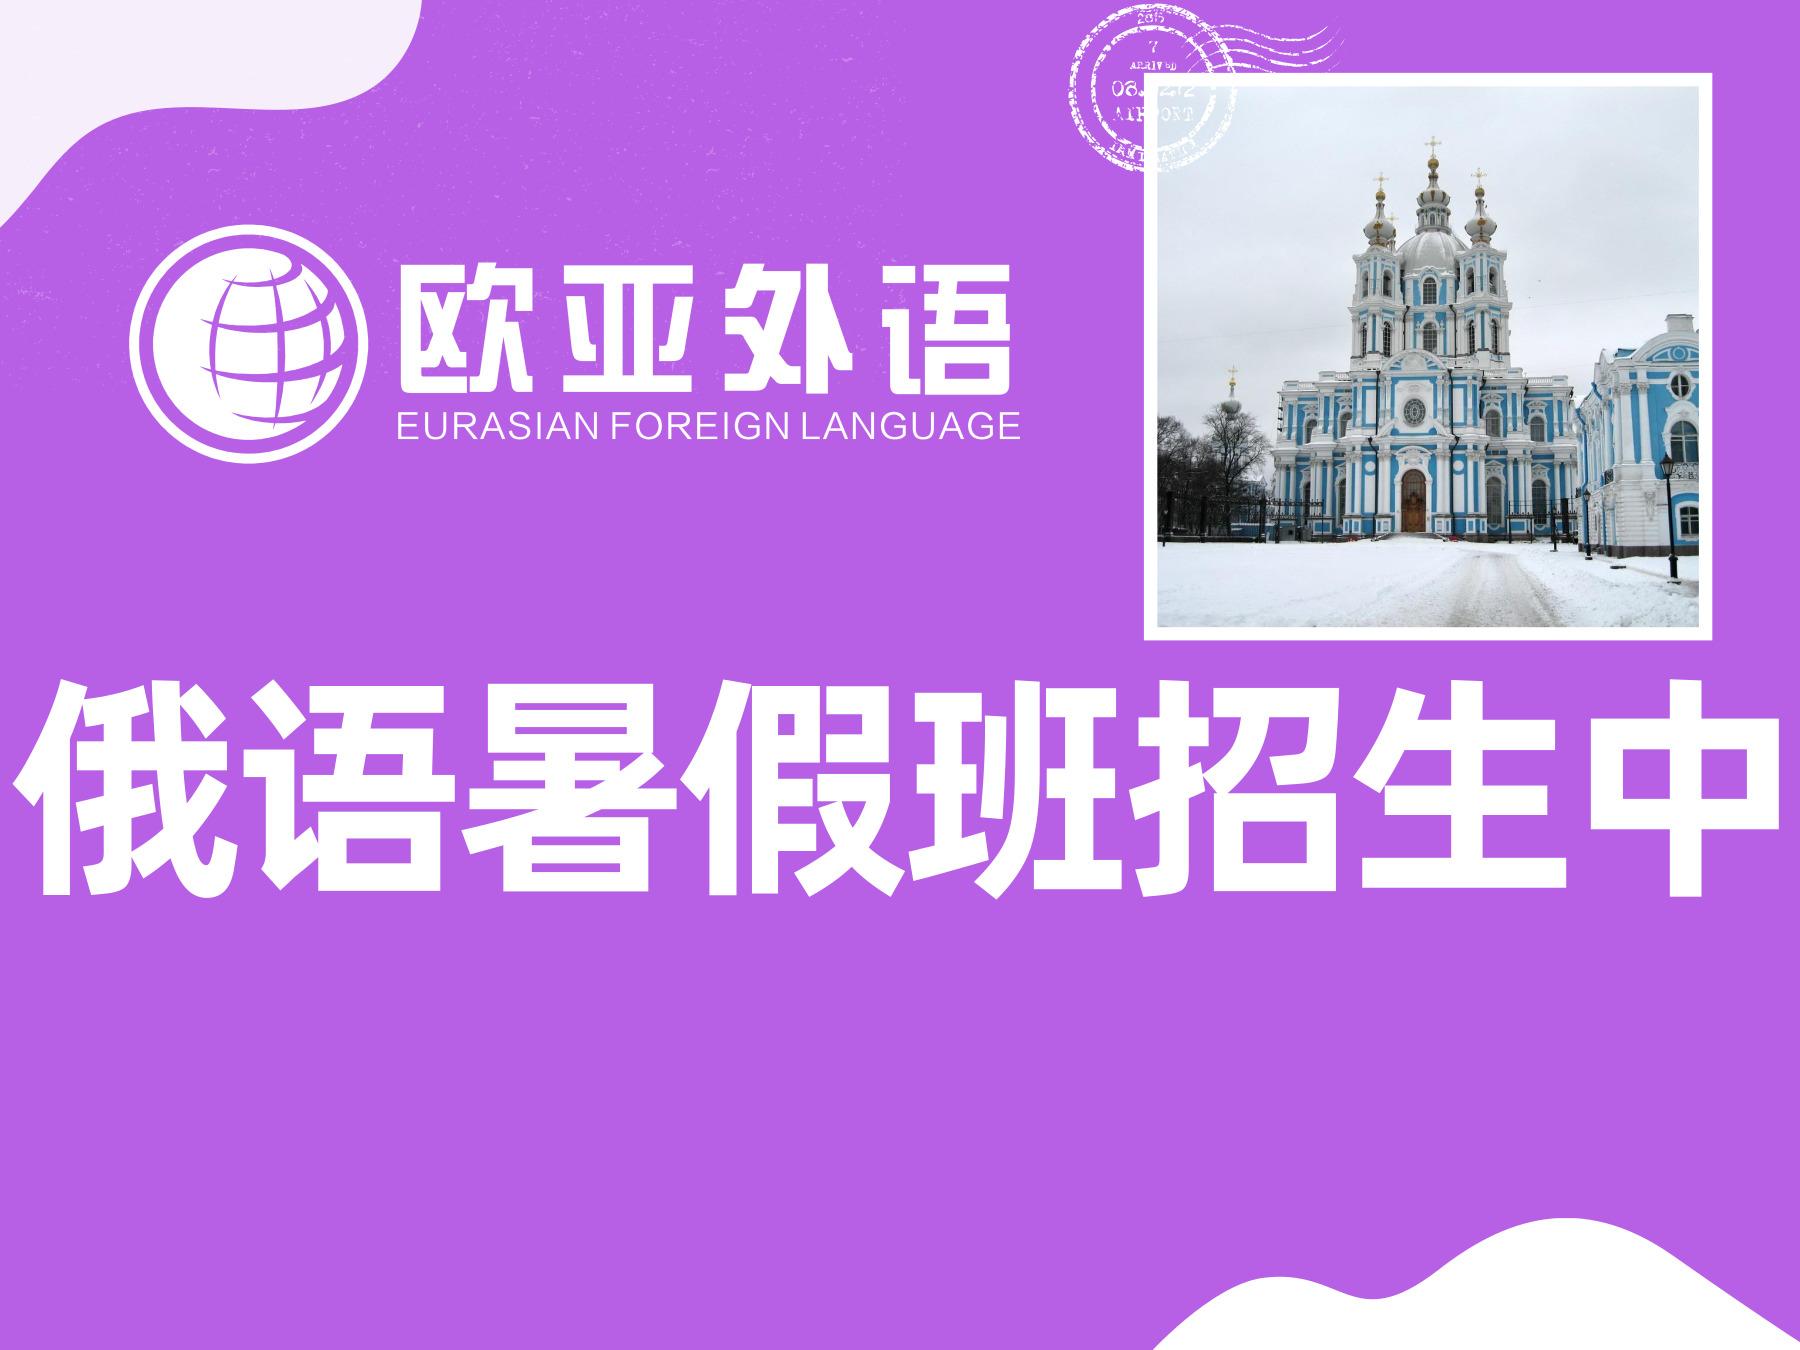 武汉欧亚外语培训学校